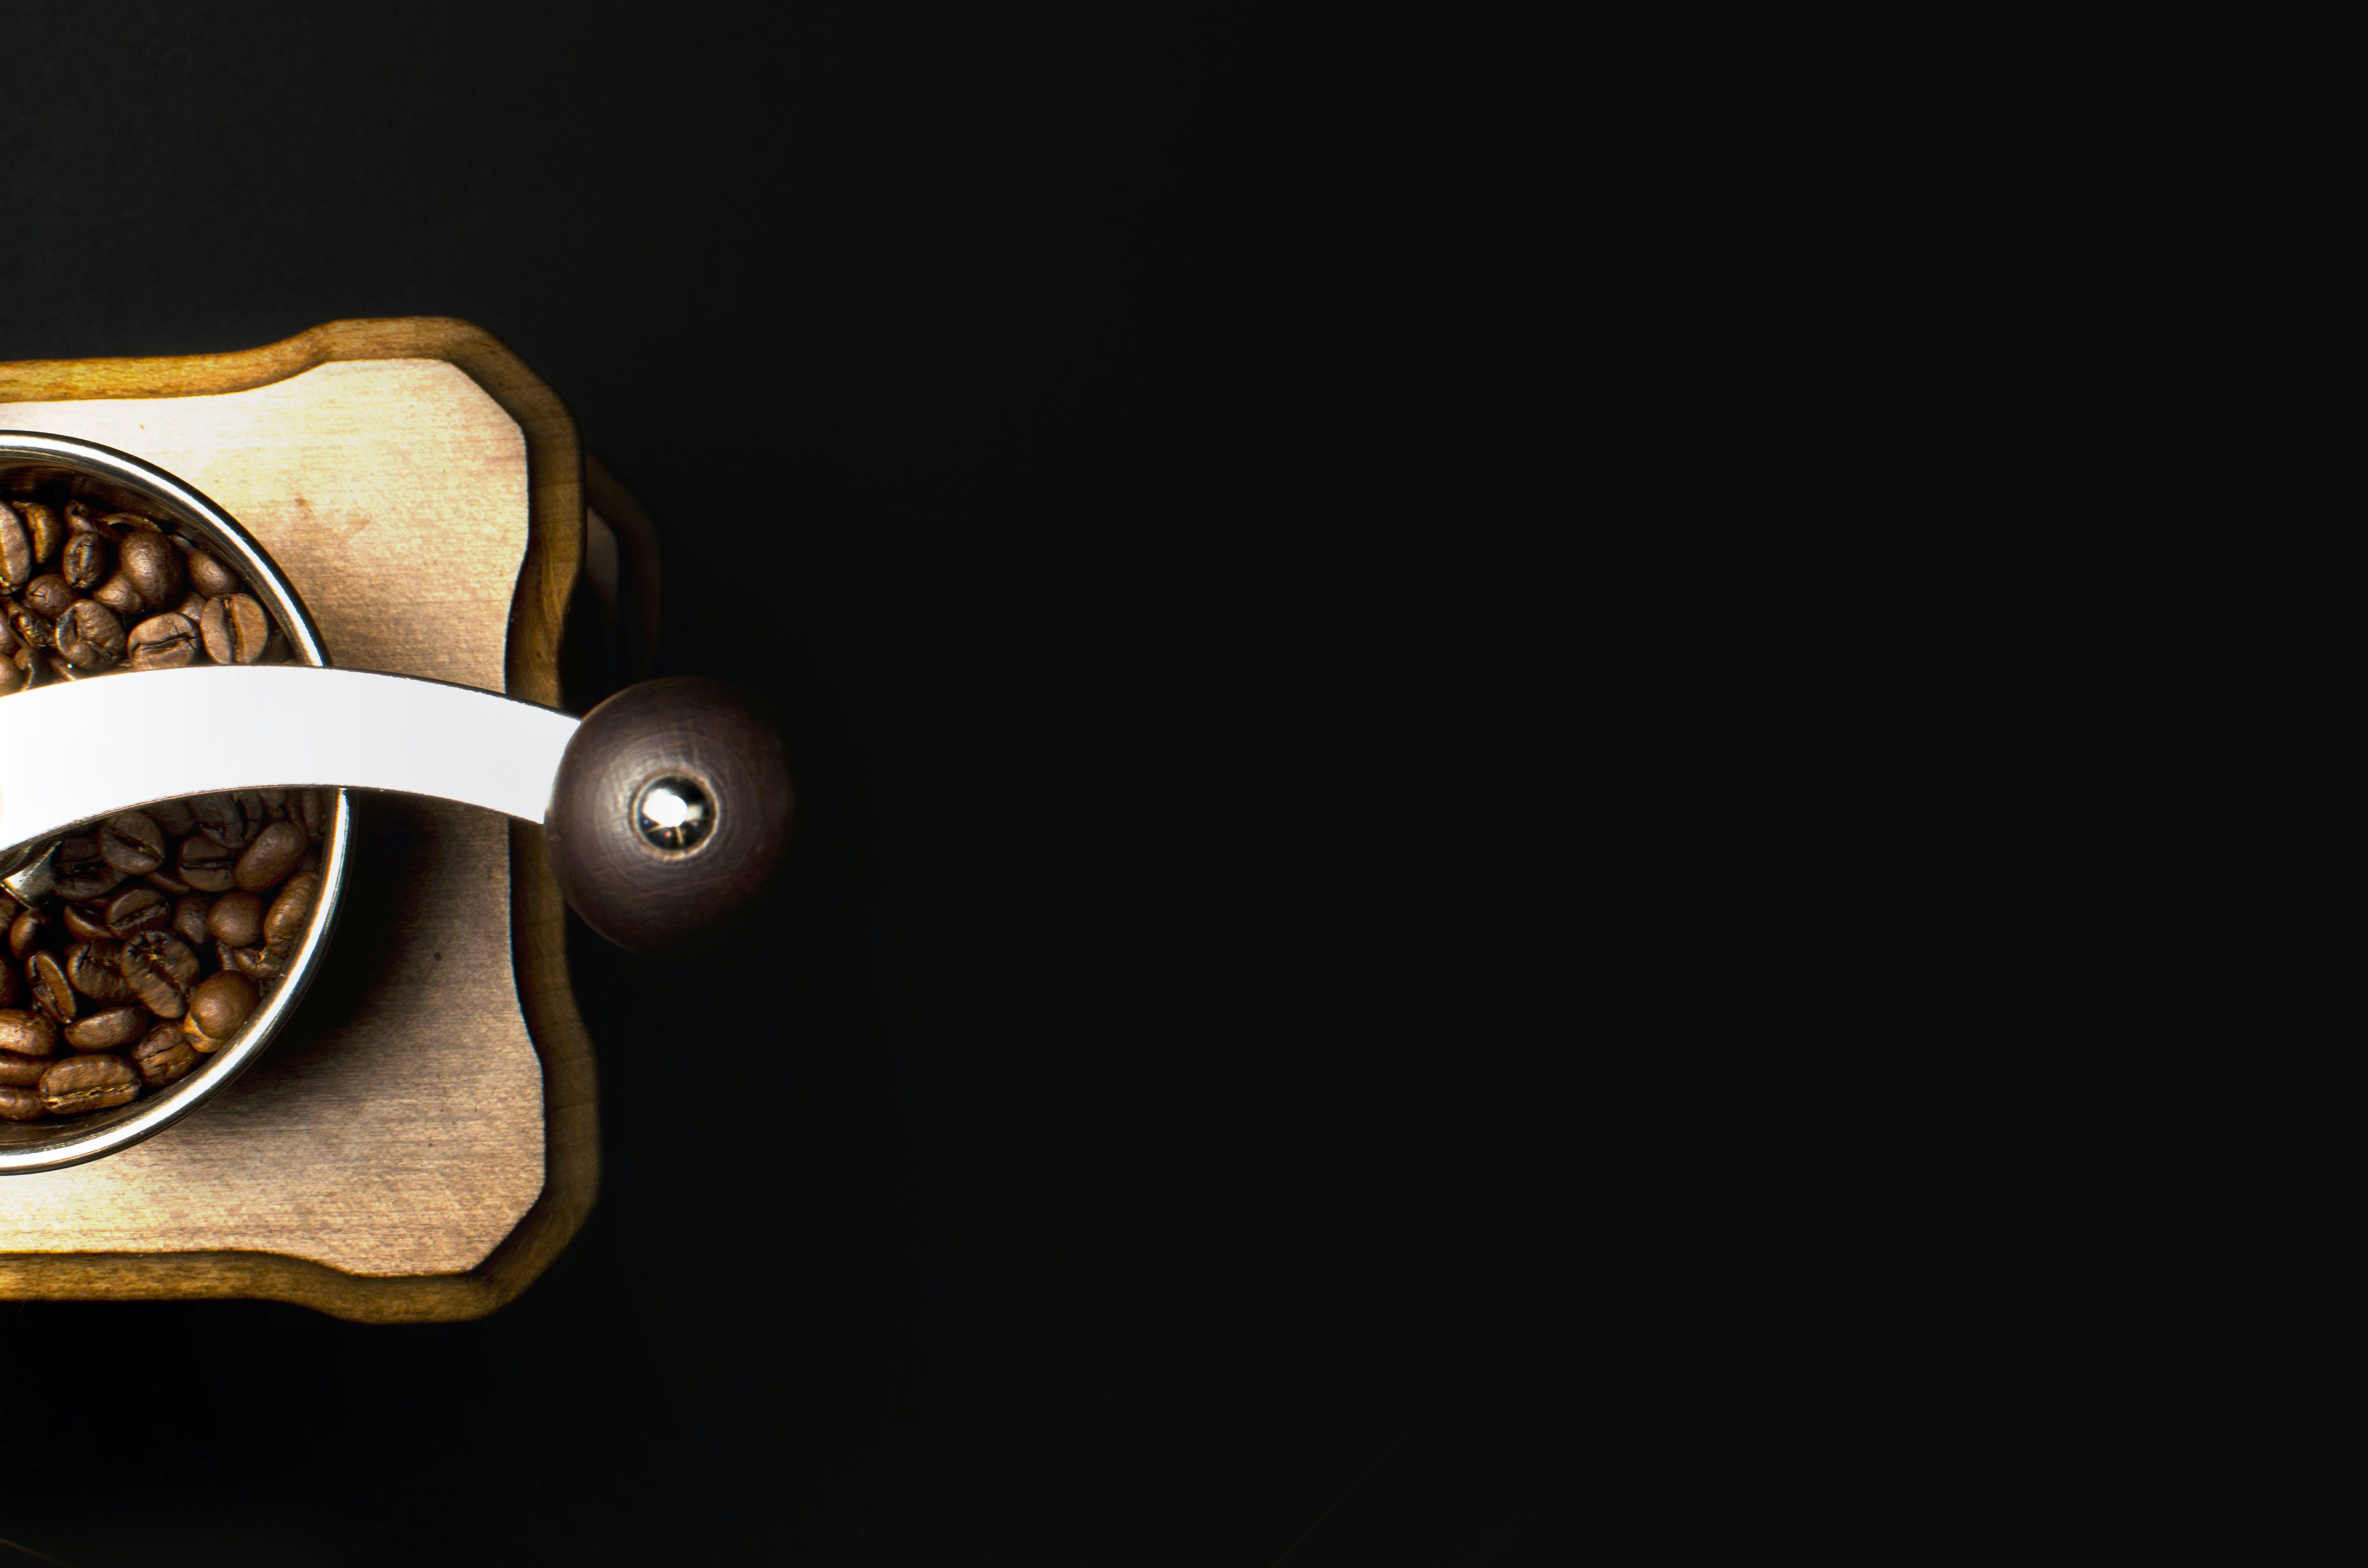 Kostenloses Stock Foto zu aroma, bohnen, braun, dunkel